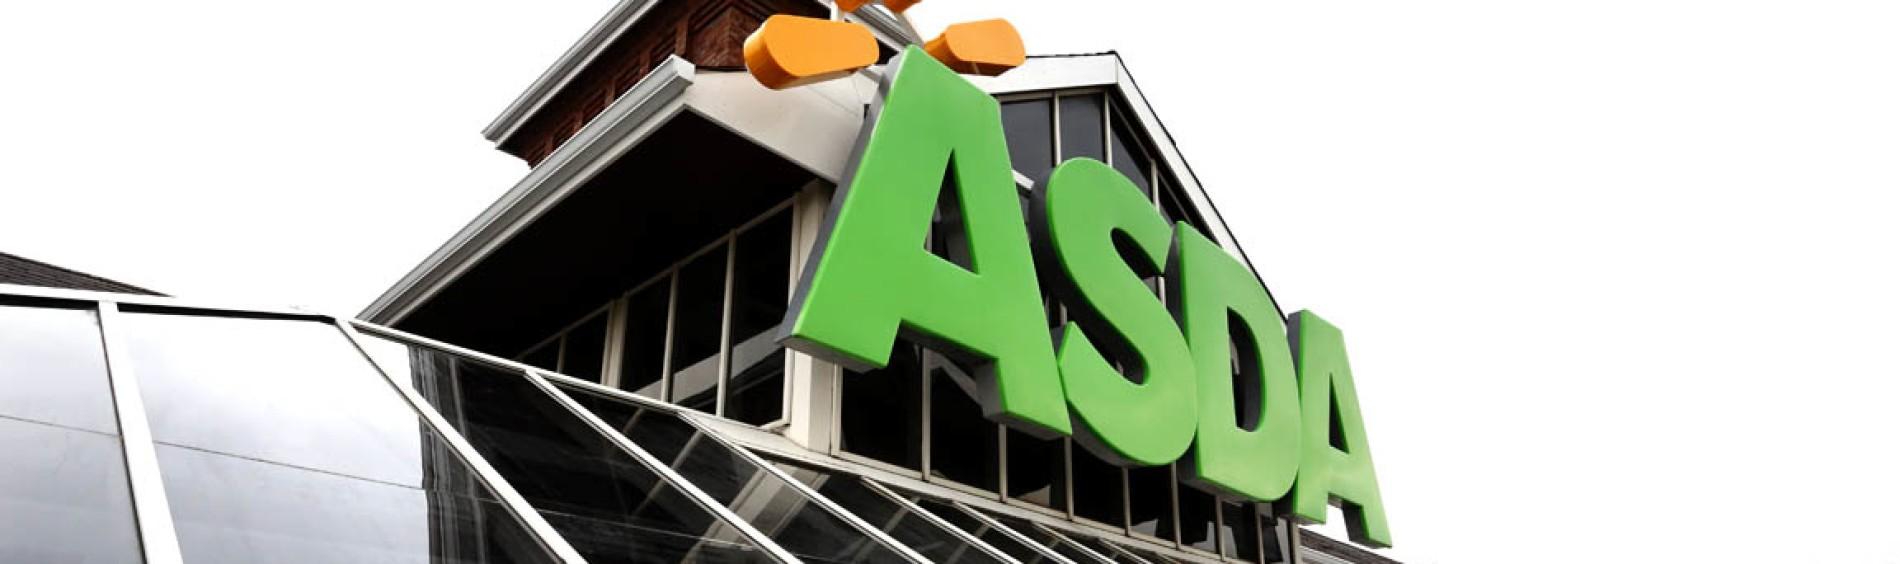 商店外部与Asda标志在建筑物顶部